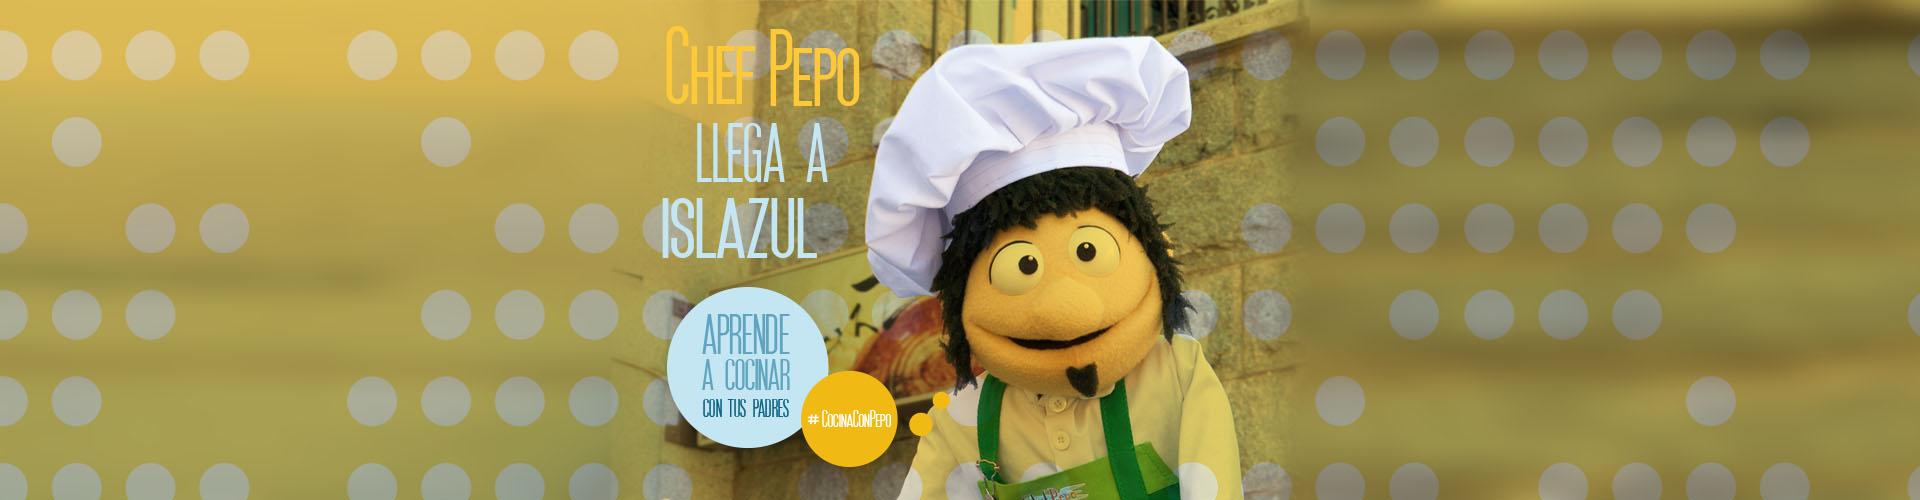 20150406_Chef-Pepo